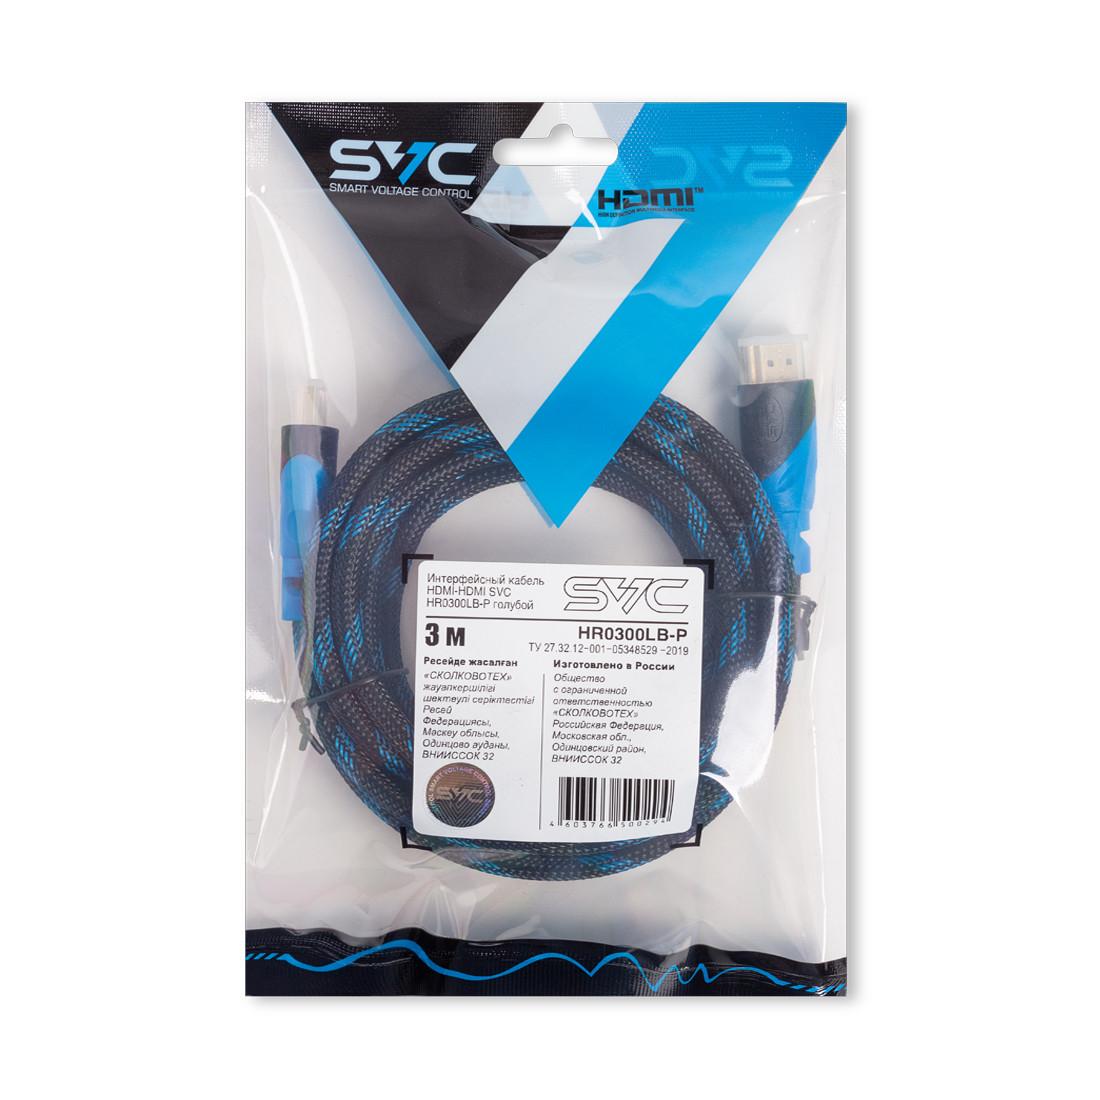 Интерфейсный кабель HDMI-HDMI SVC HR0300LB-P, 30В, Голубой, Пол. пакет, 3 м